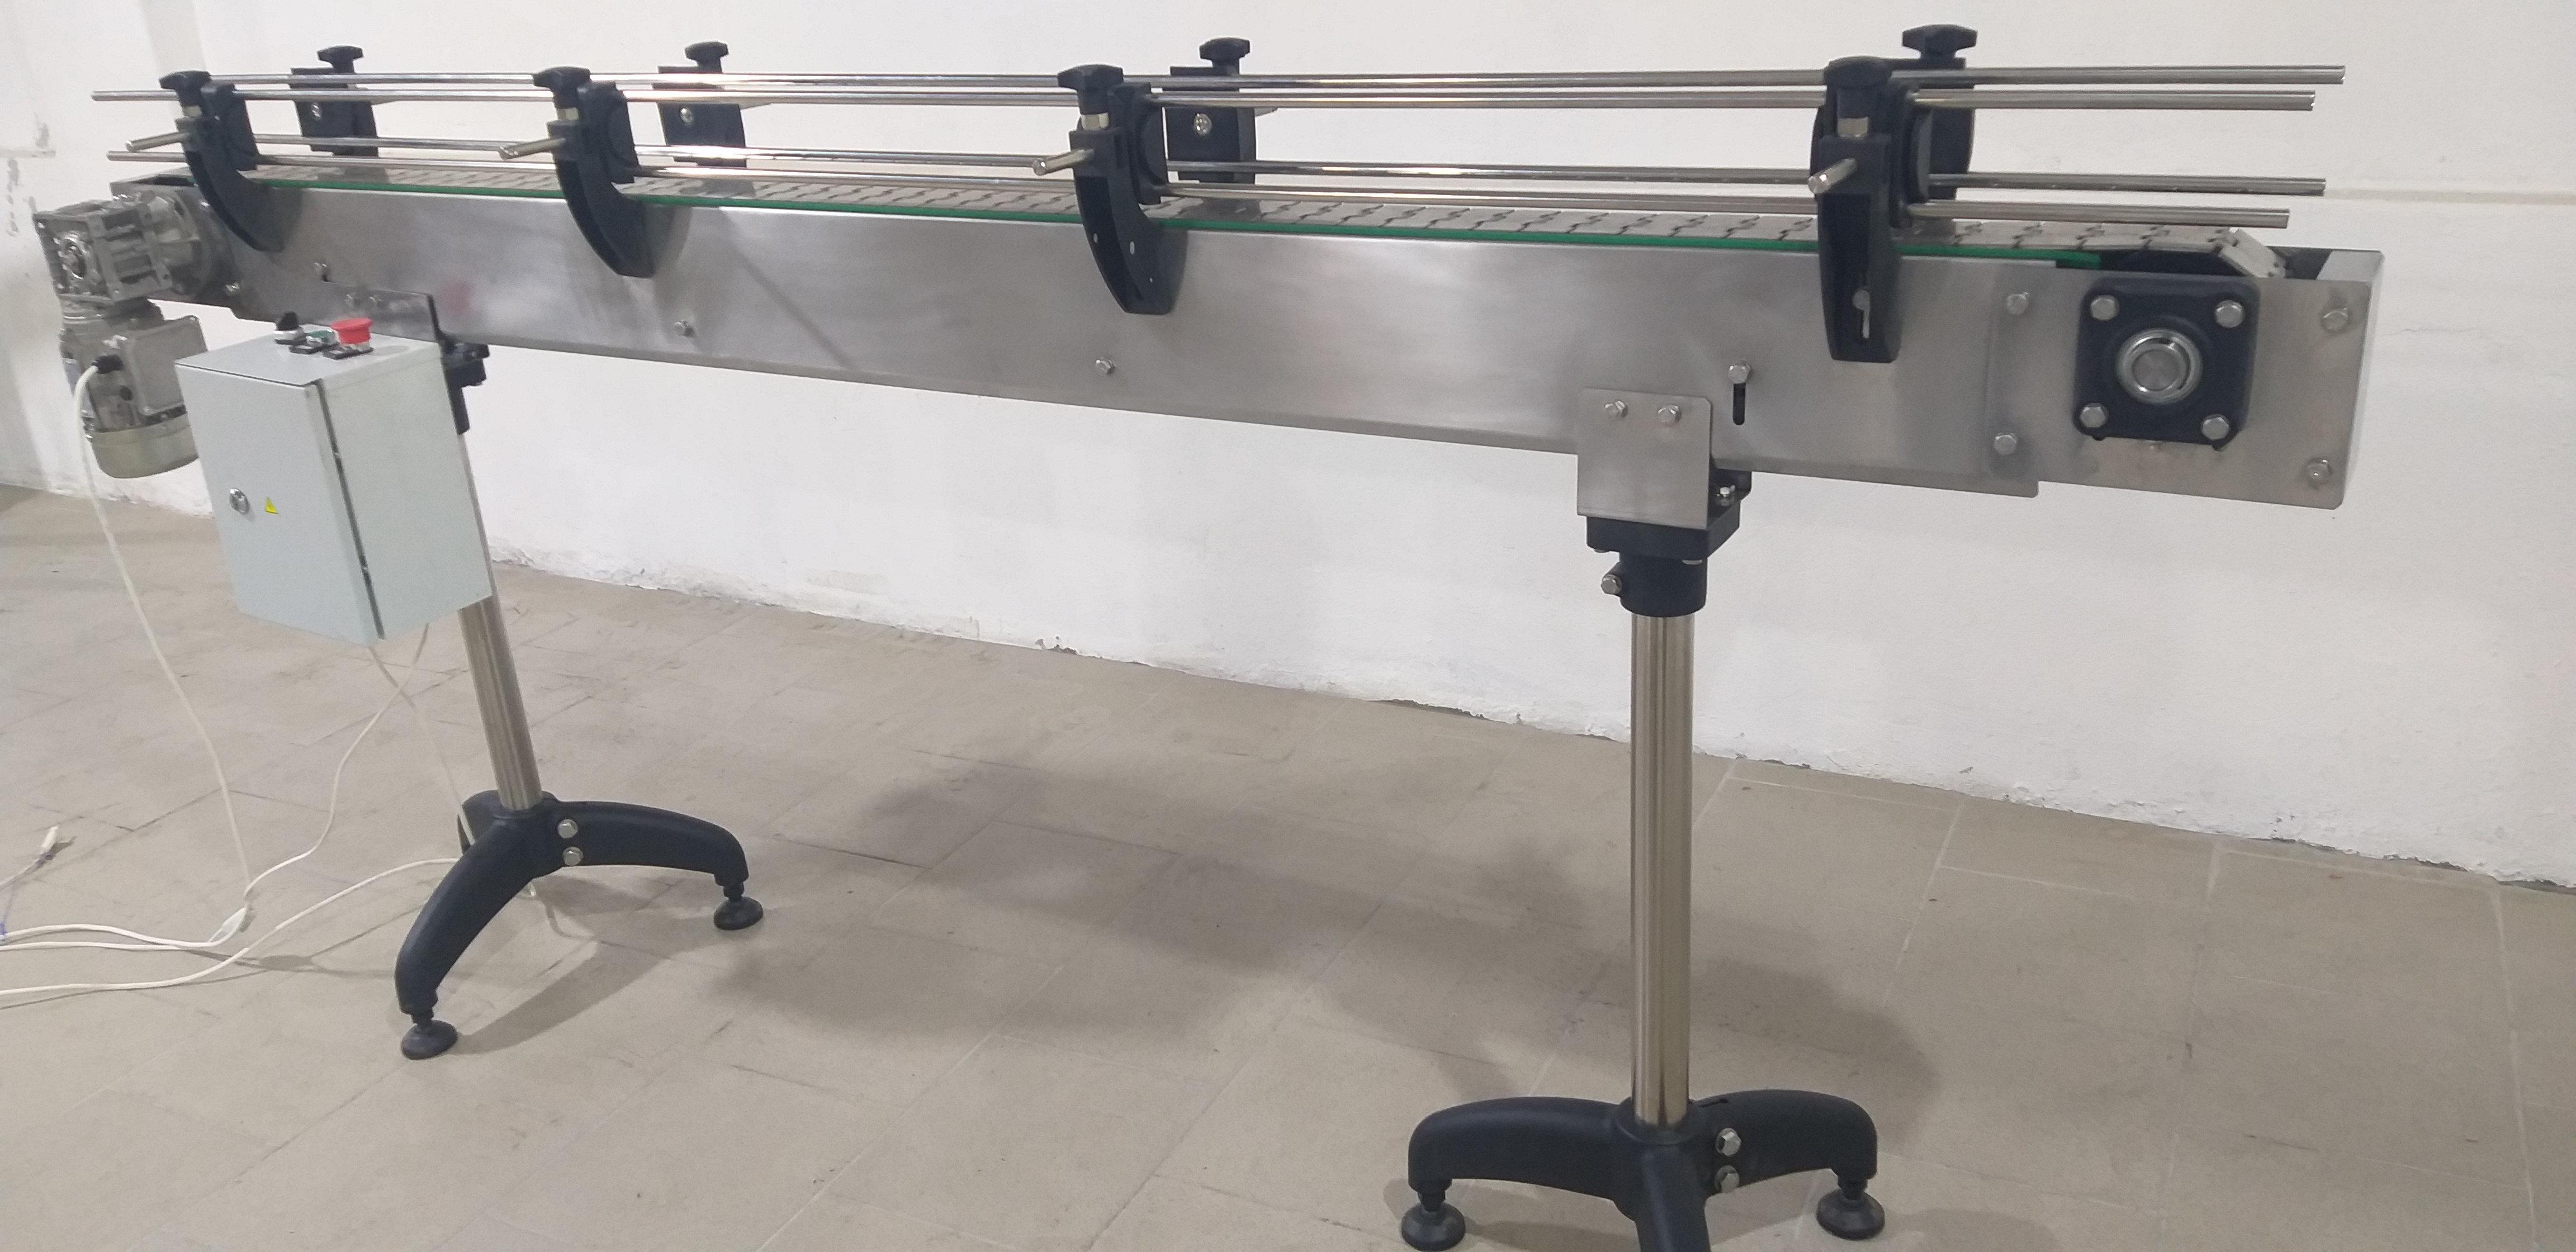 Конвейер для перемещения деталей увеличение клиренса фольксваген транспортер